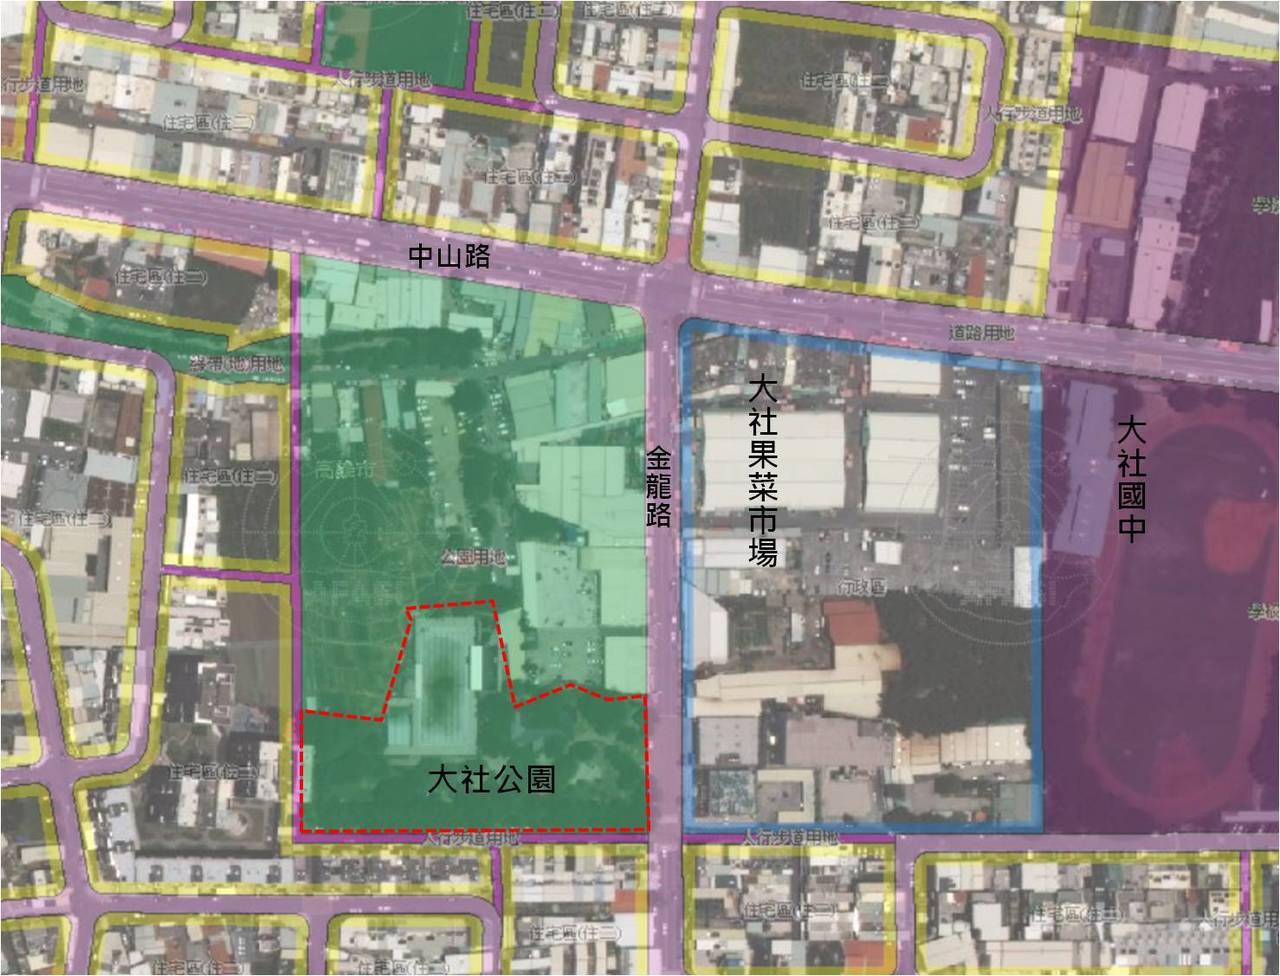 高雄市近期要啟動「公共設施保留地」專案通盤檢討作業。圖/高雄市都發局提供